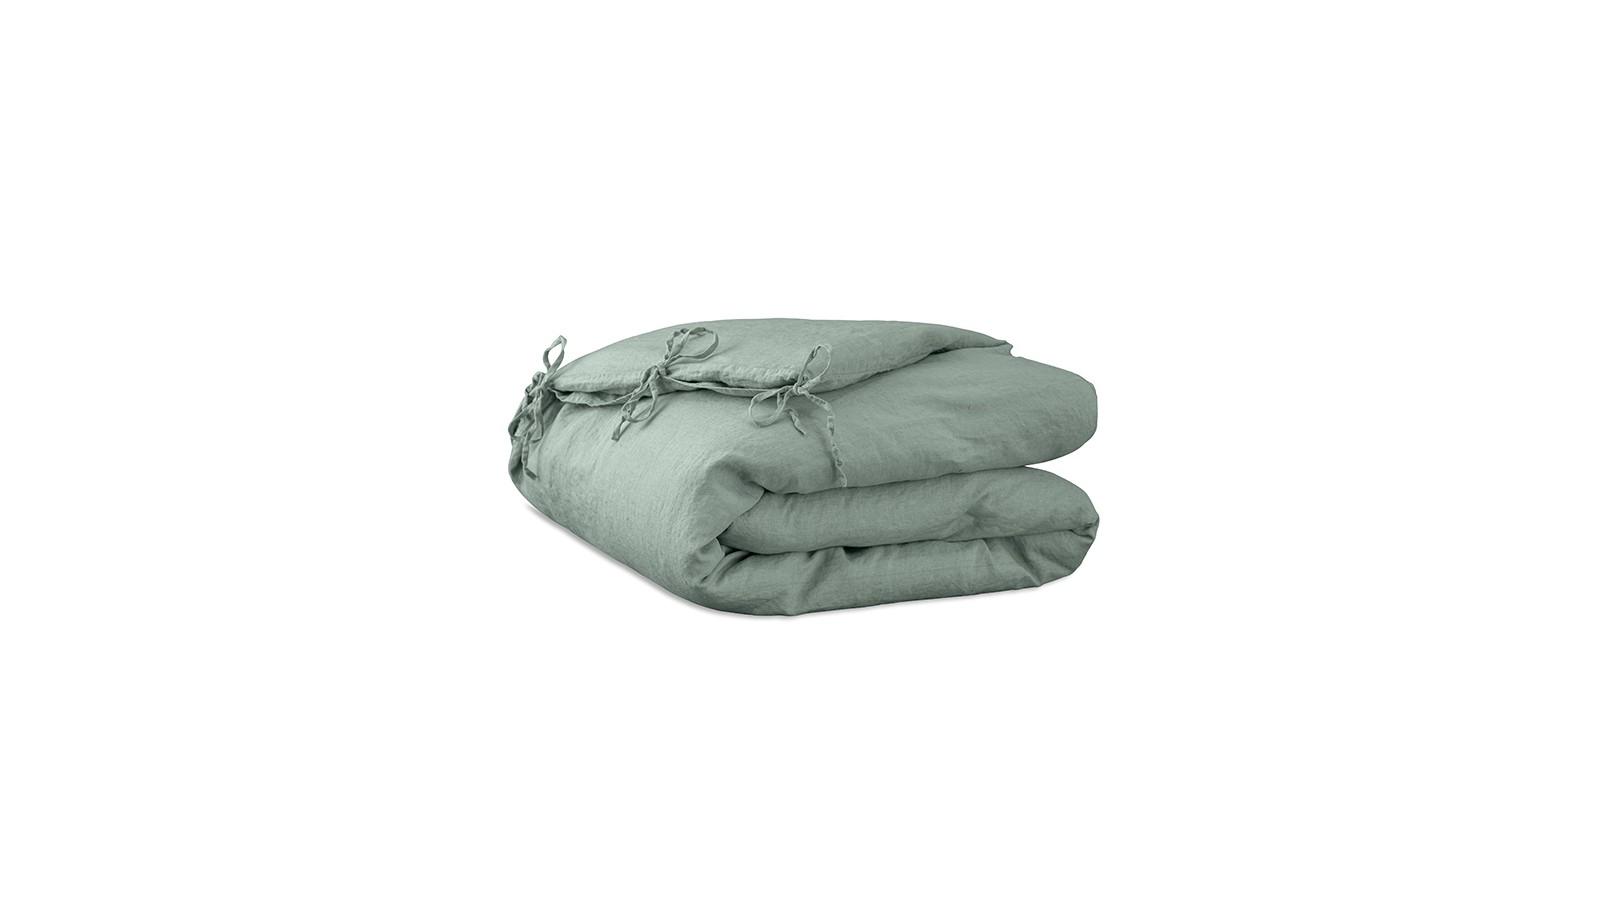 Housse d'édredon 110 x 160 cm en lin lavé uni Vert Céladon